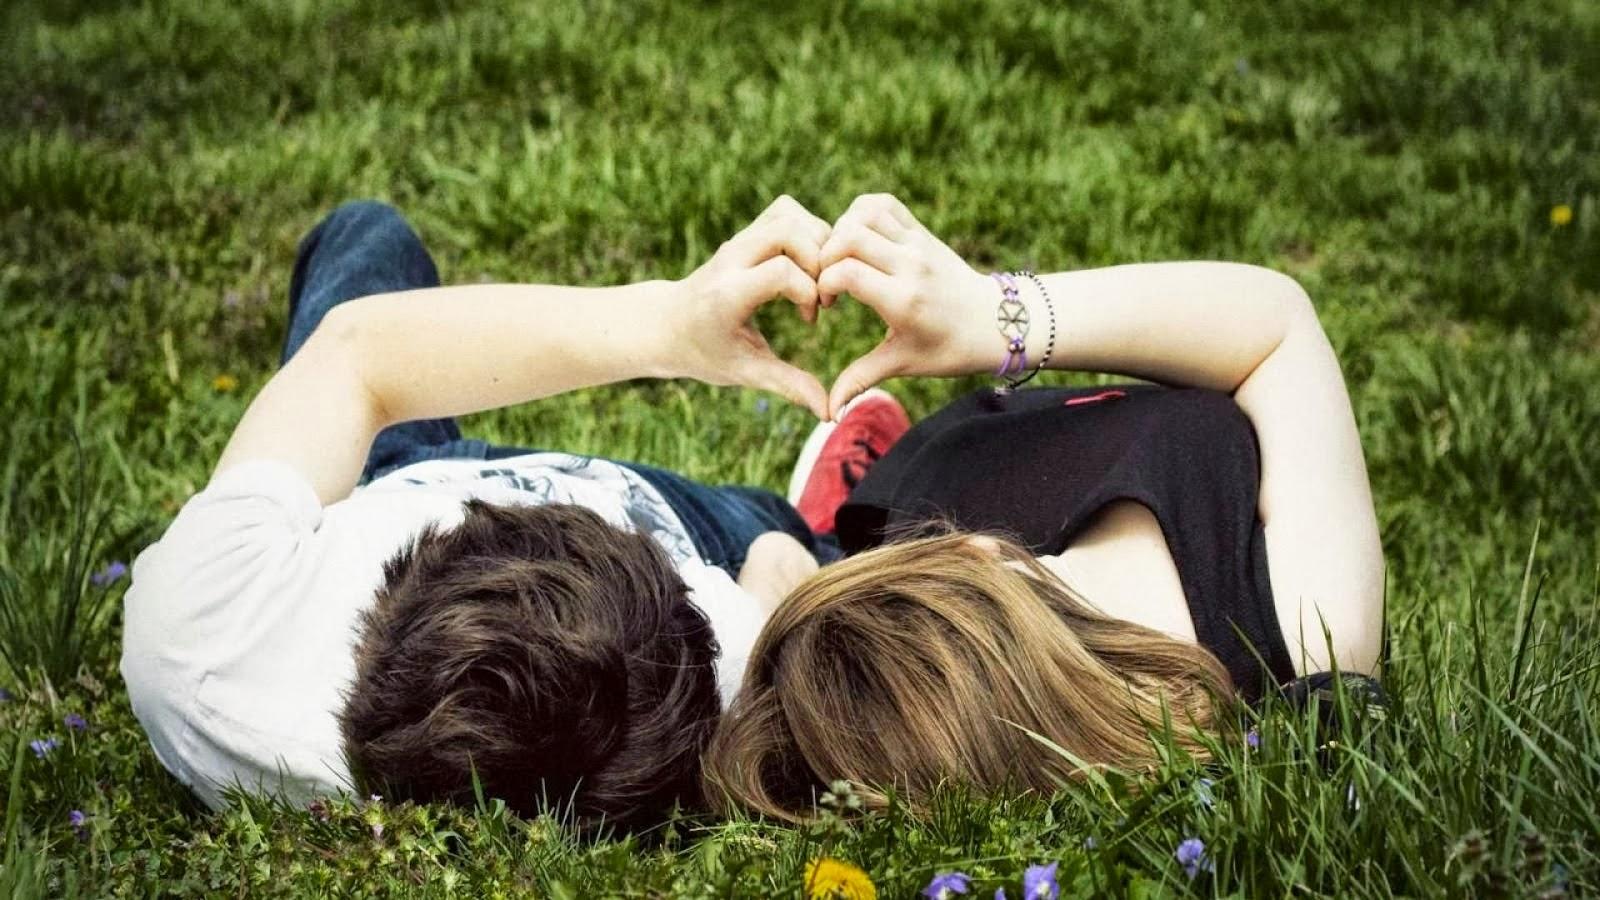 بالصور صور رومانسية ساخنة , اجمل صور رومانسيه 2152 5